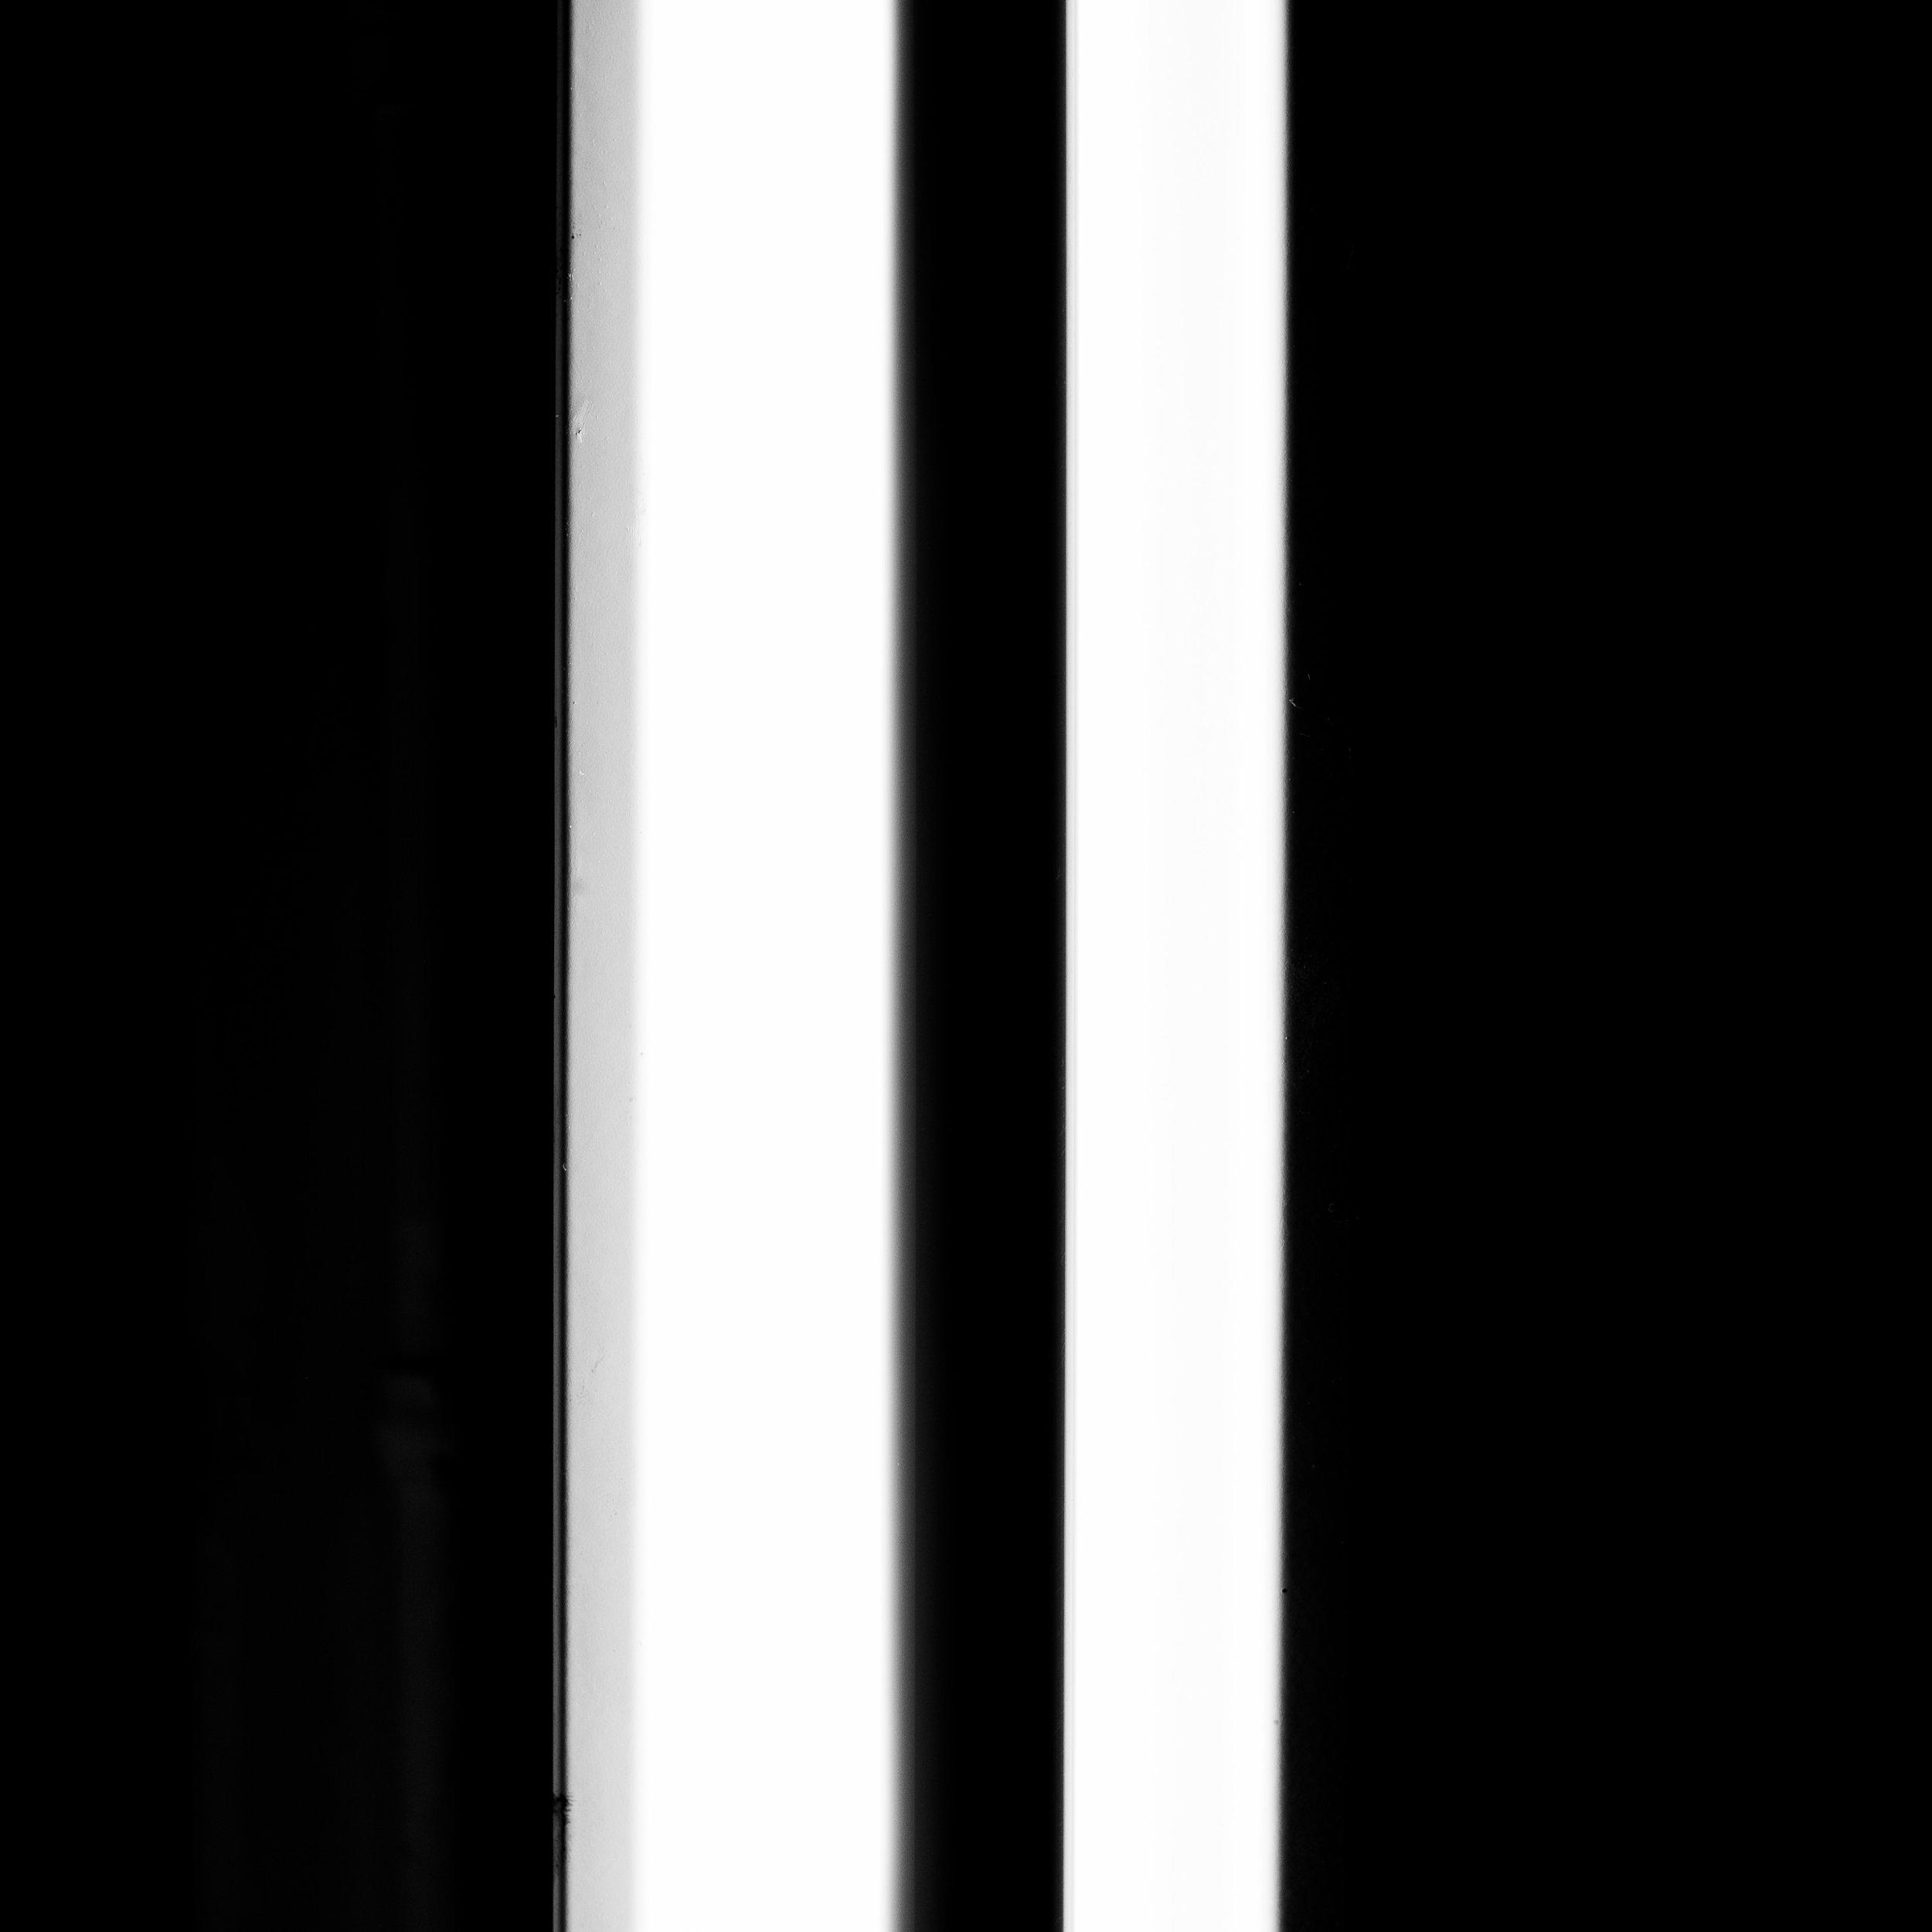 Lamps-4.jpg